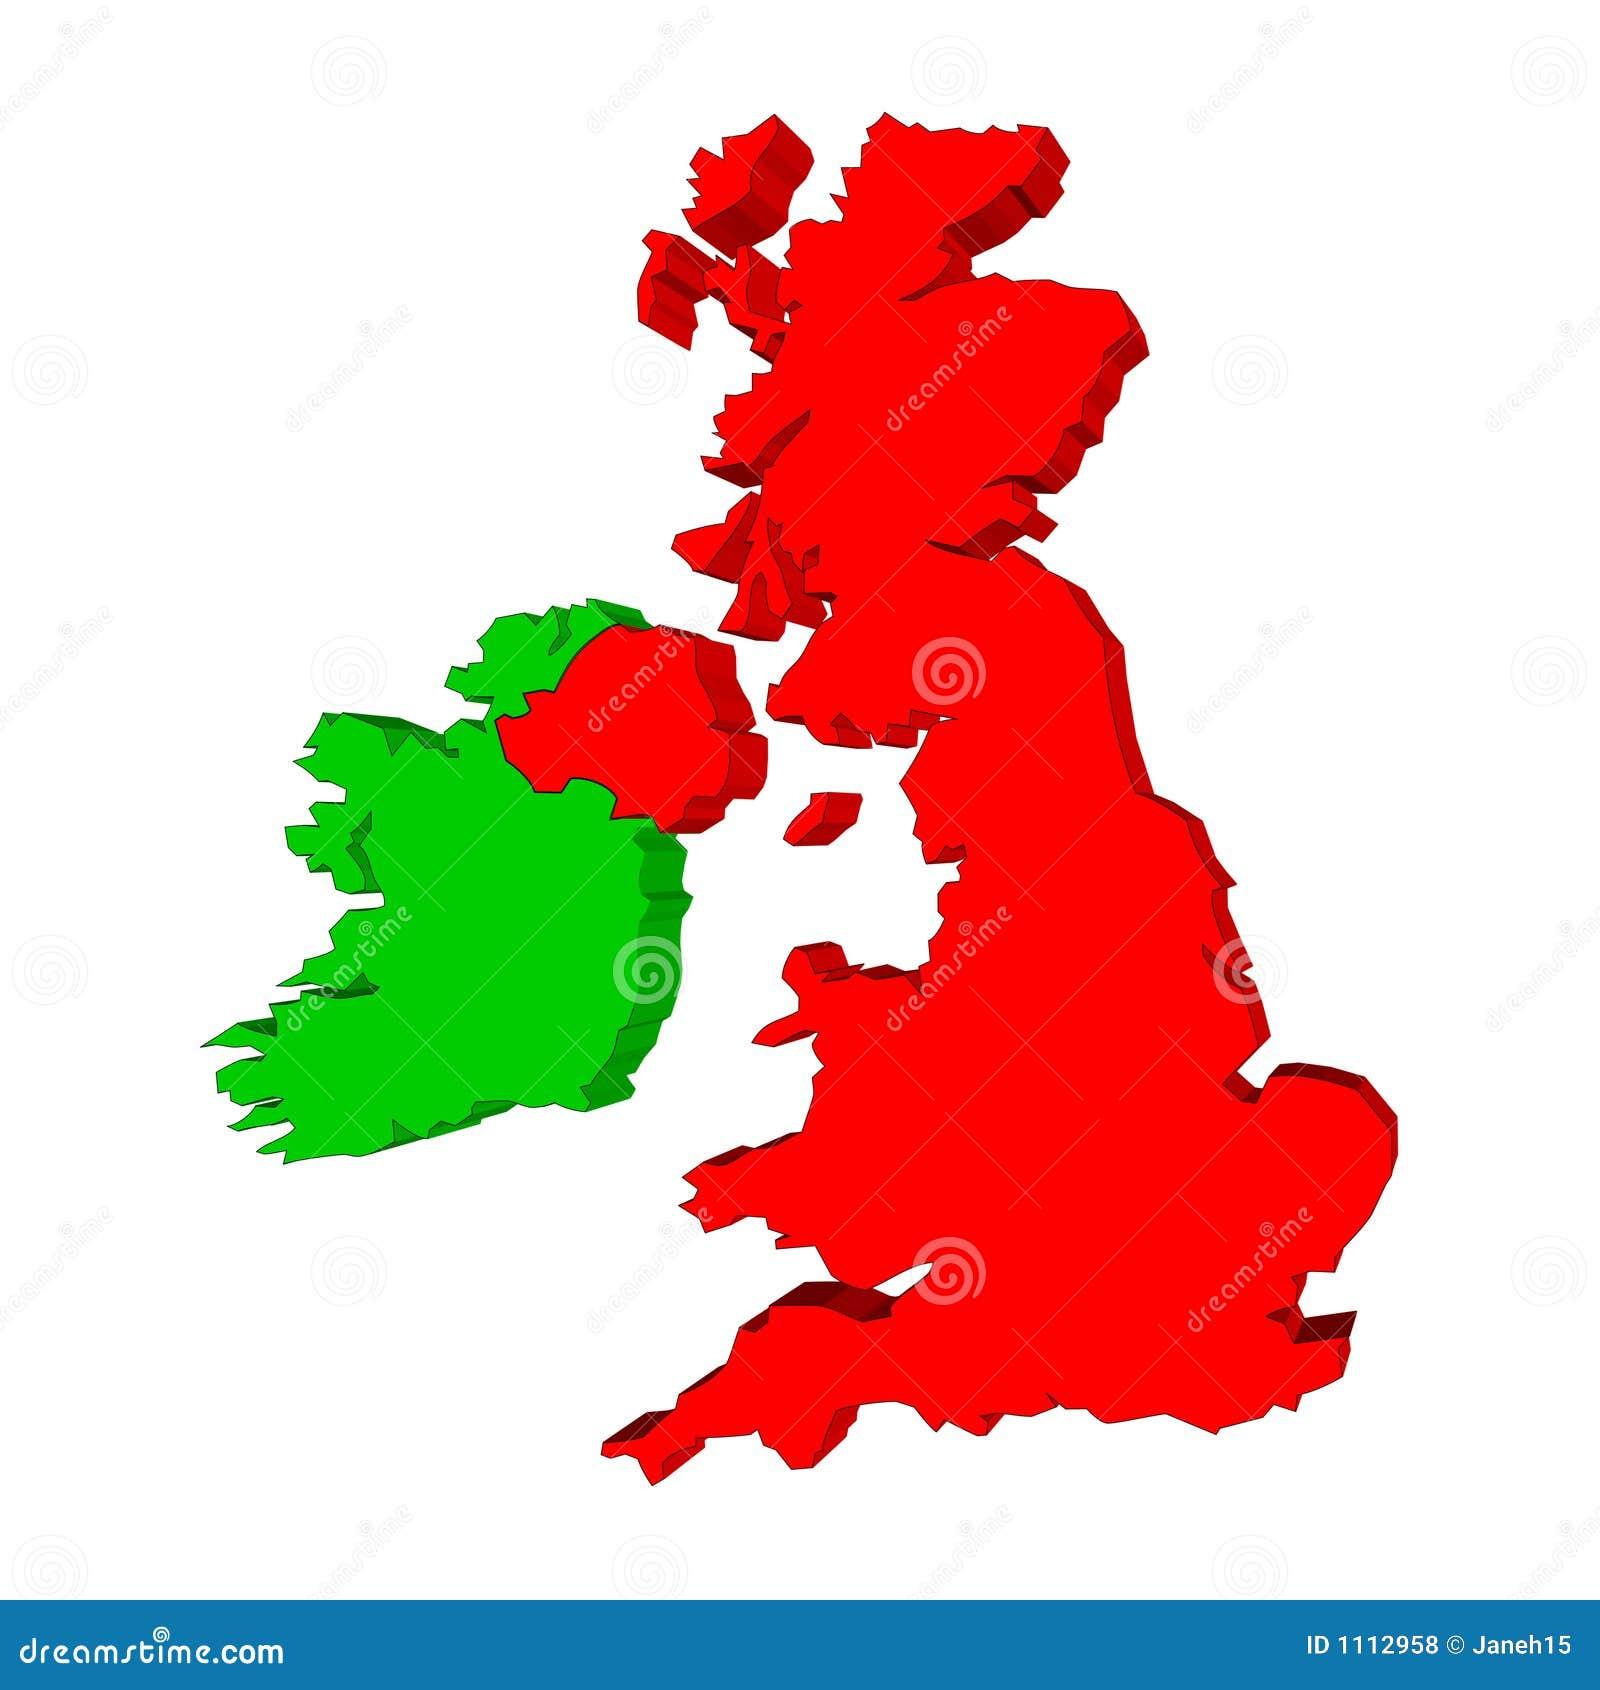 Map Of Uk And Ireland.Uk And Ireland Map Stock Illustration Illustration Of England 1112958